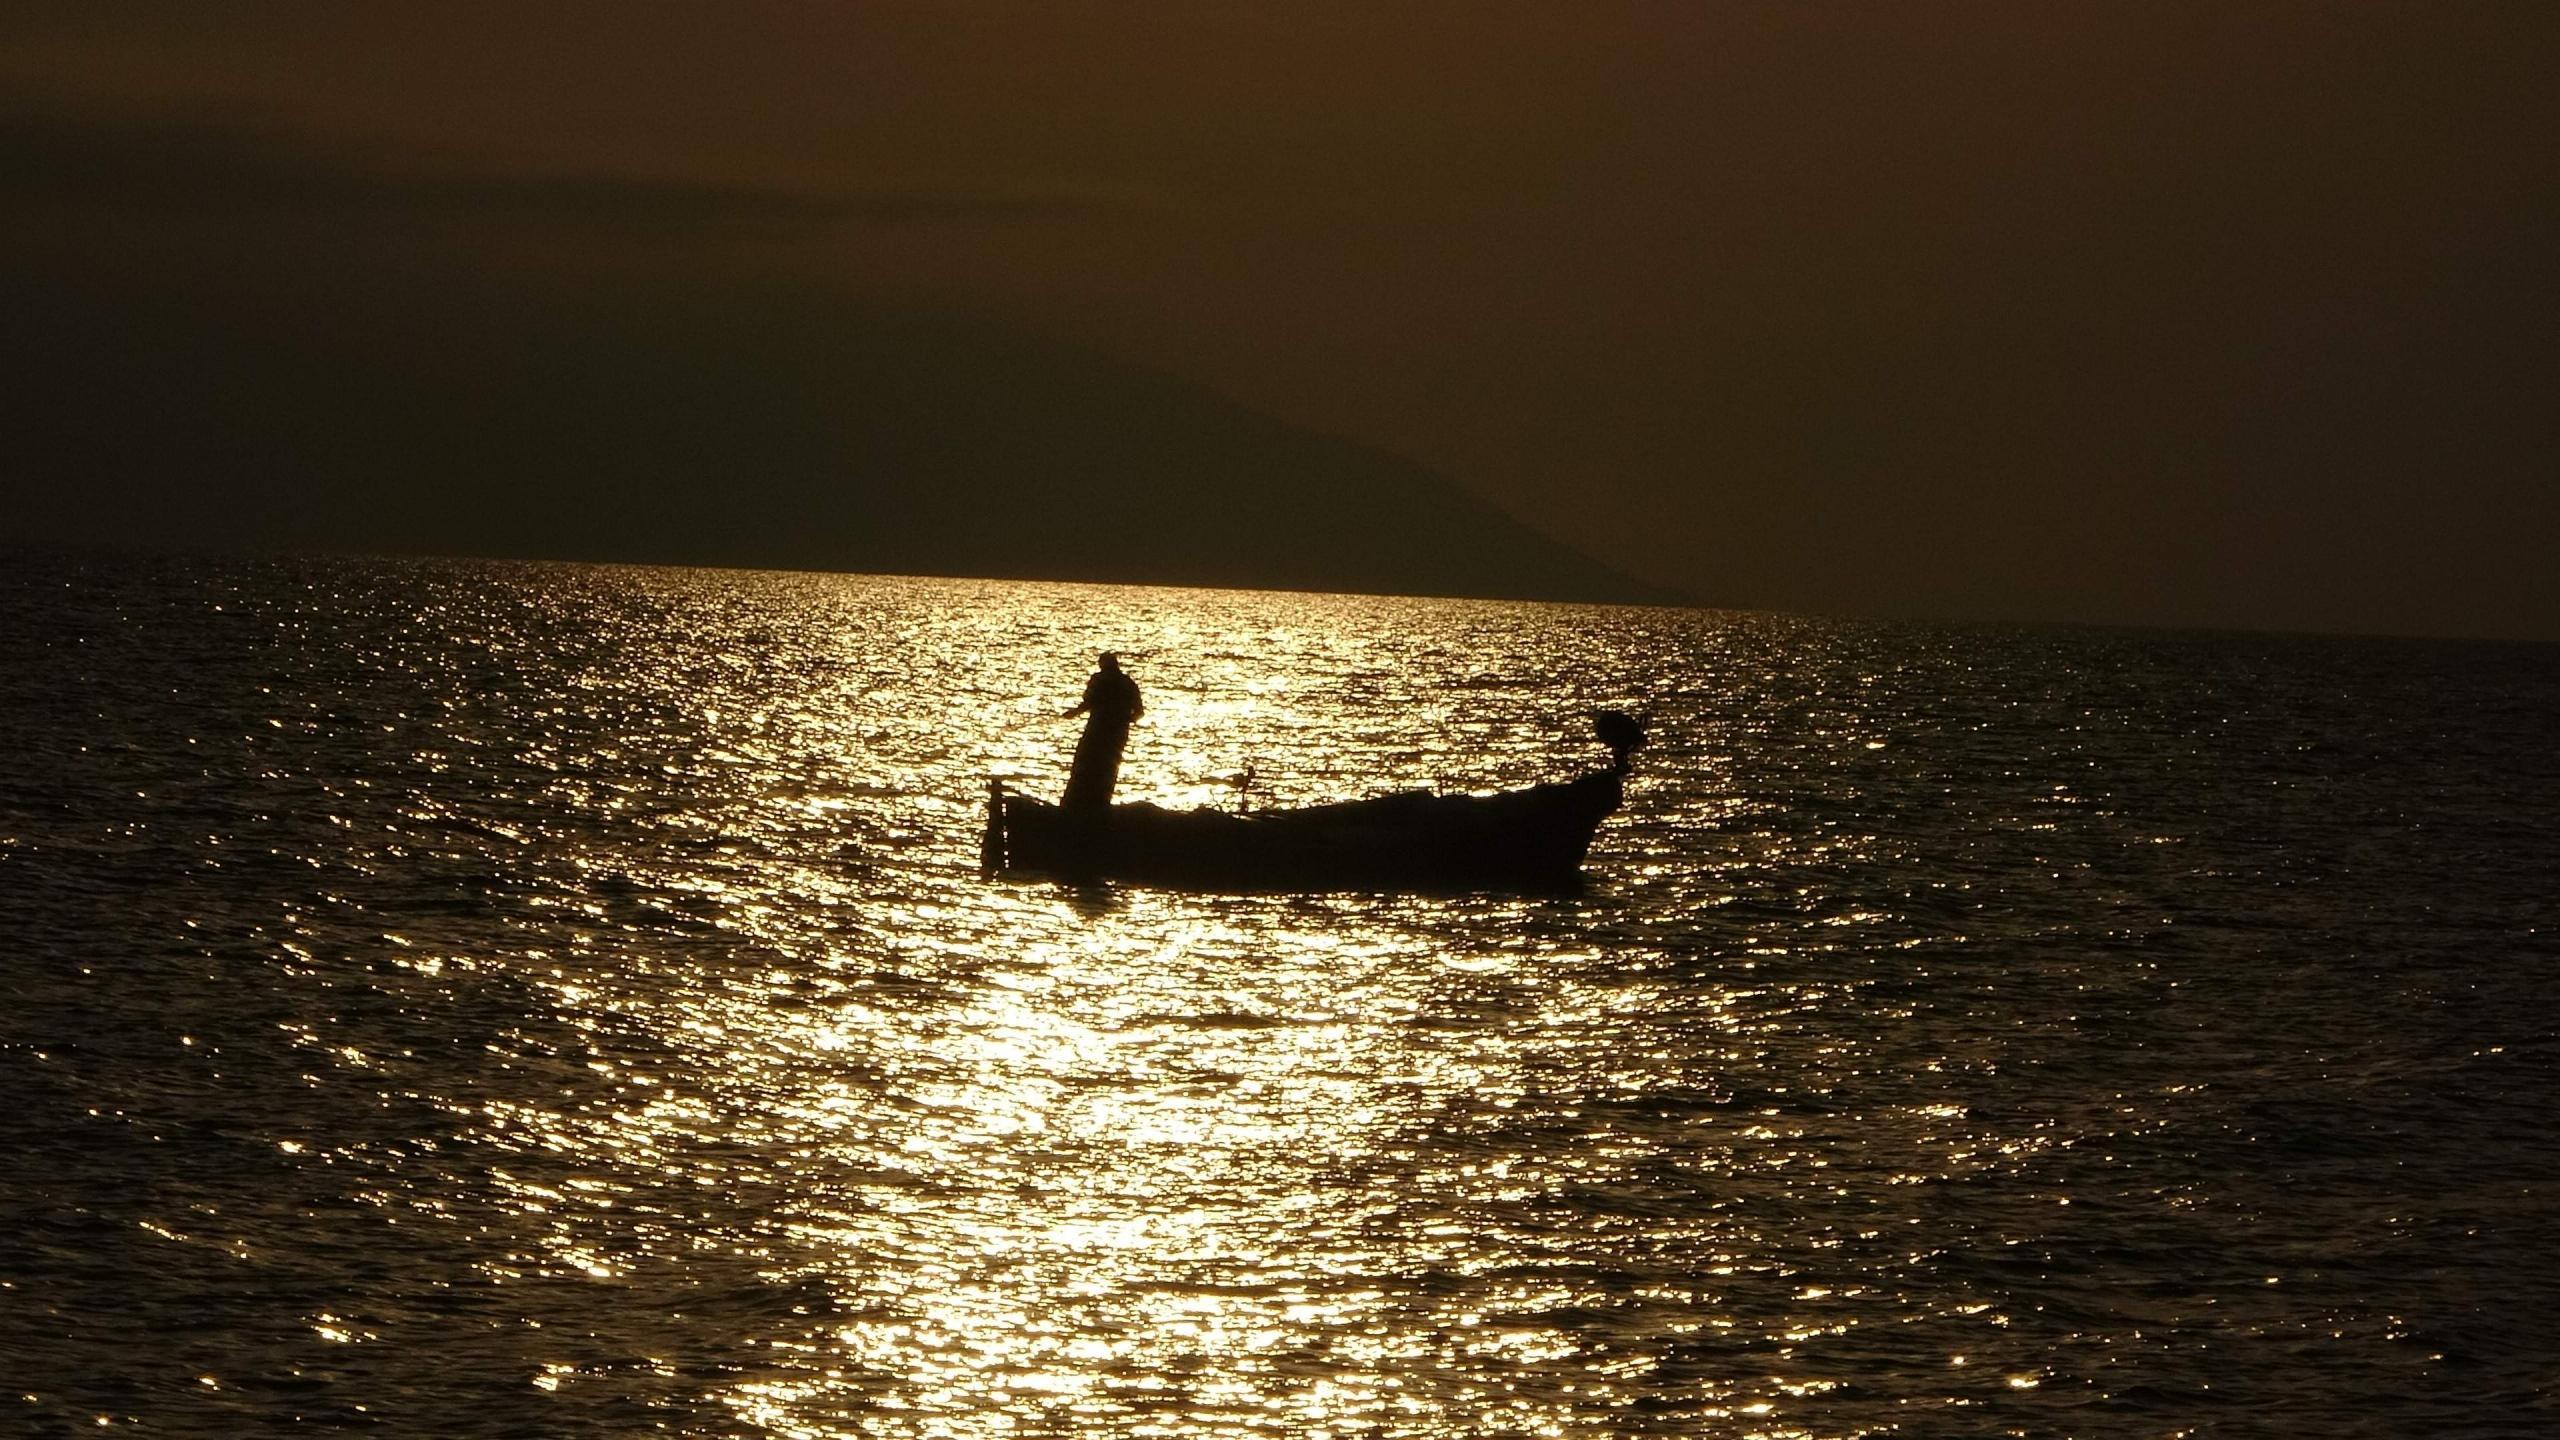 Gün batımında balıkçıların görüntüsü objektiflere böyle yansıdı